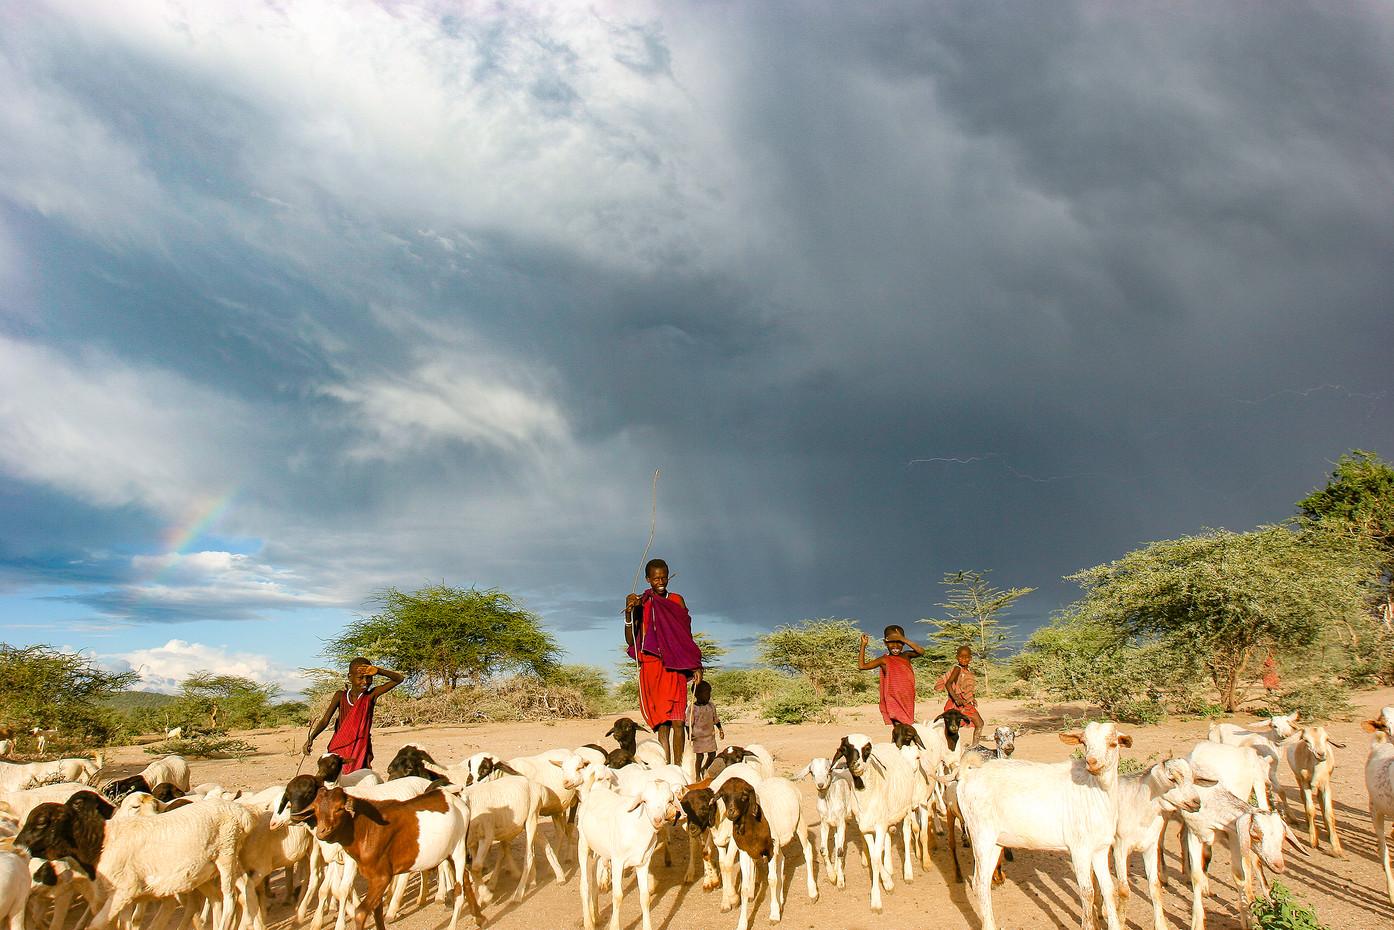 Masai herd boys & goats, Tanzania